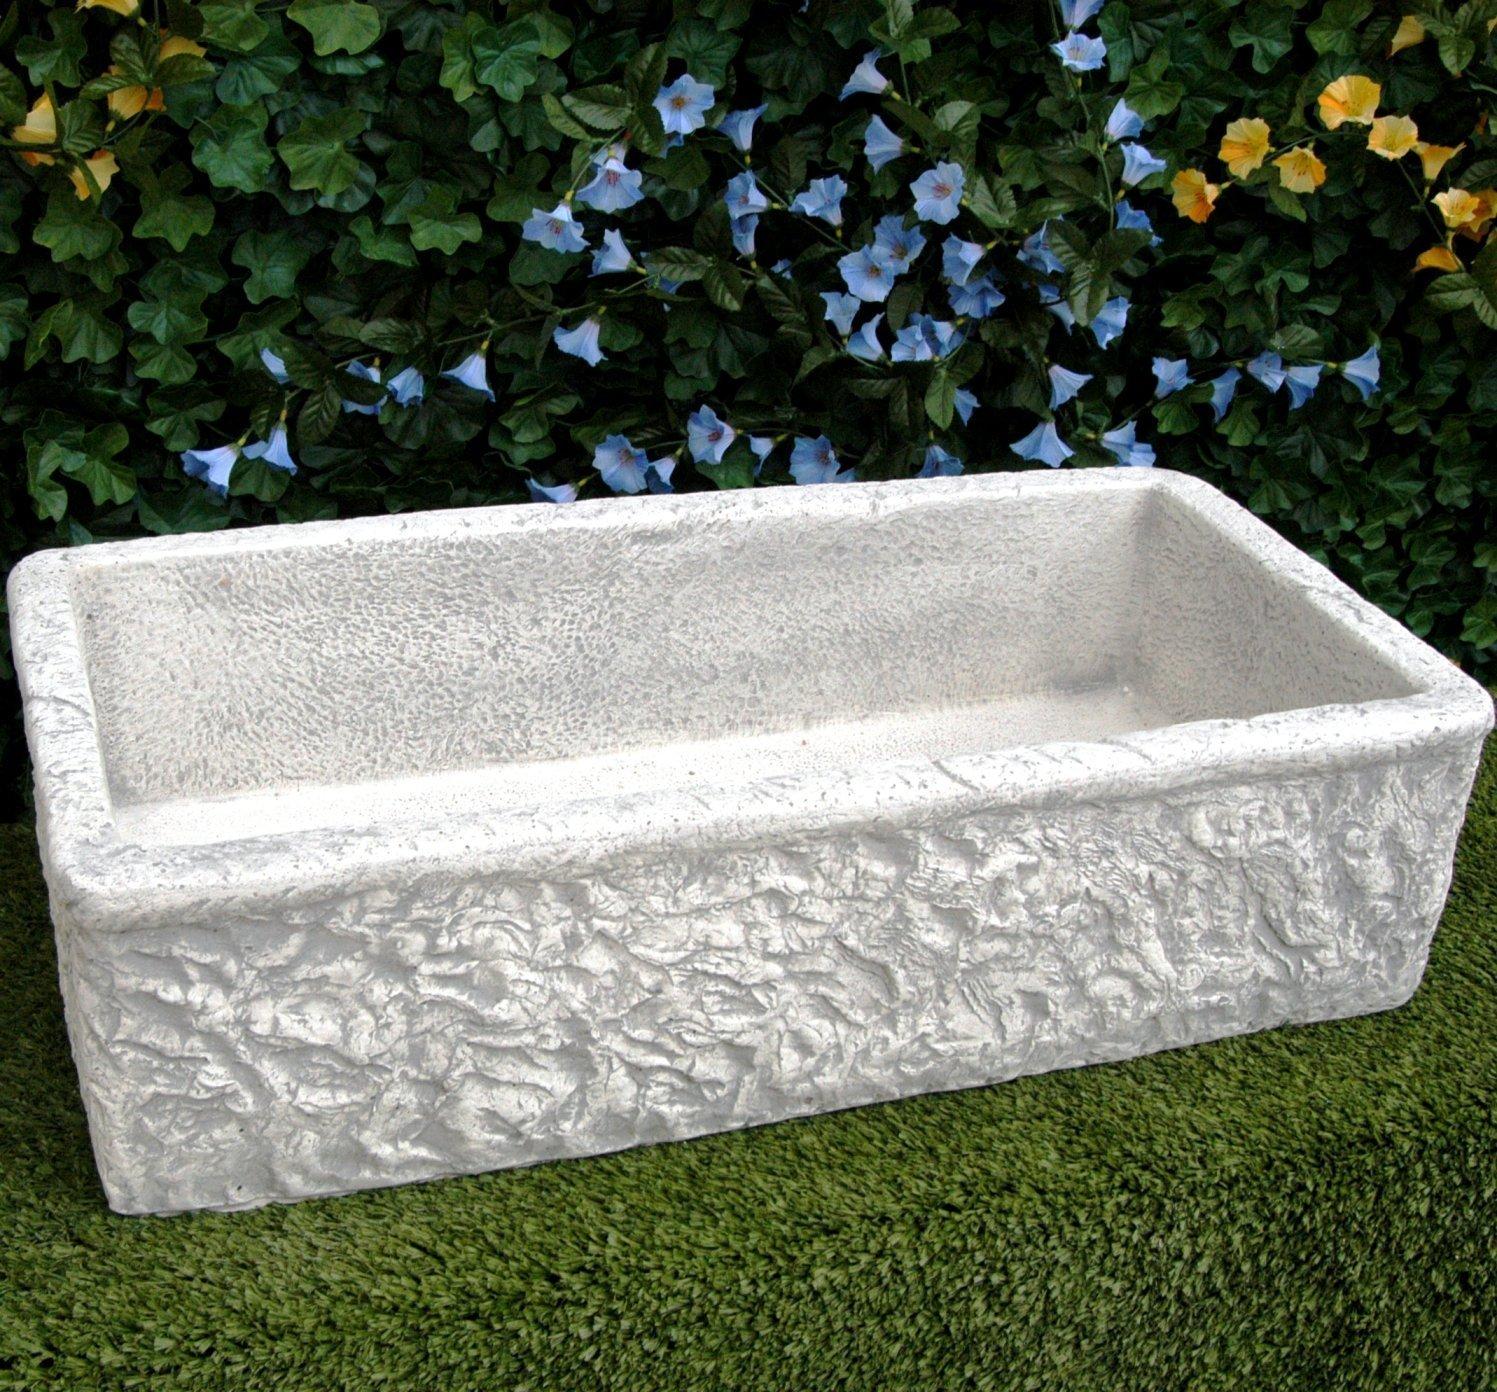 Vasca da giardino lavello lavabo in cemento da giardino for Vasche da giardino in plastica